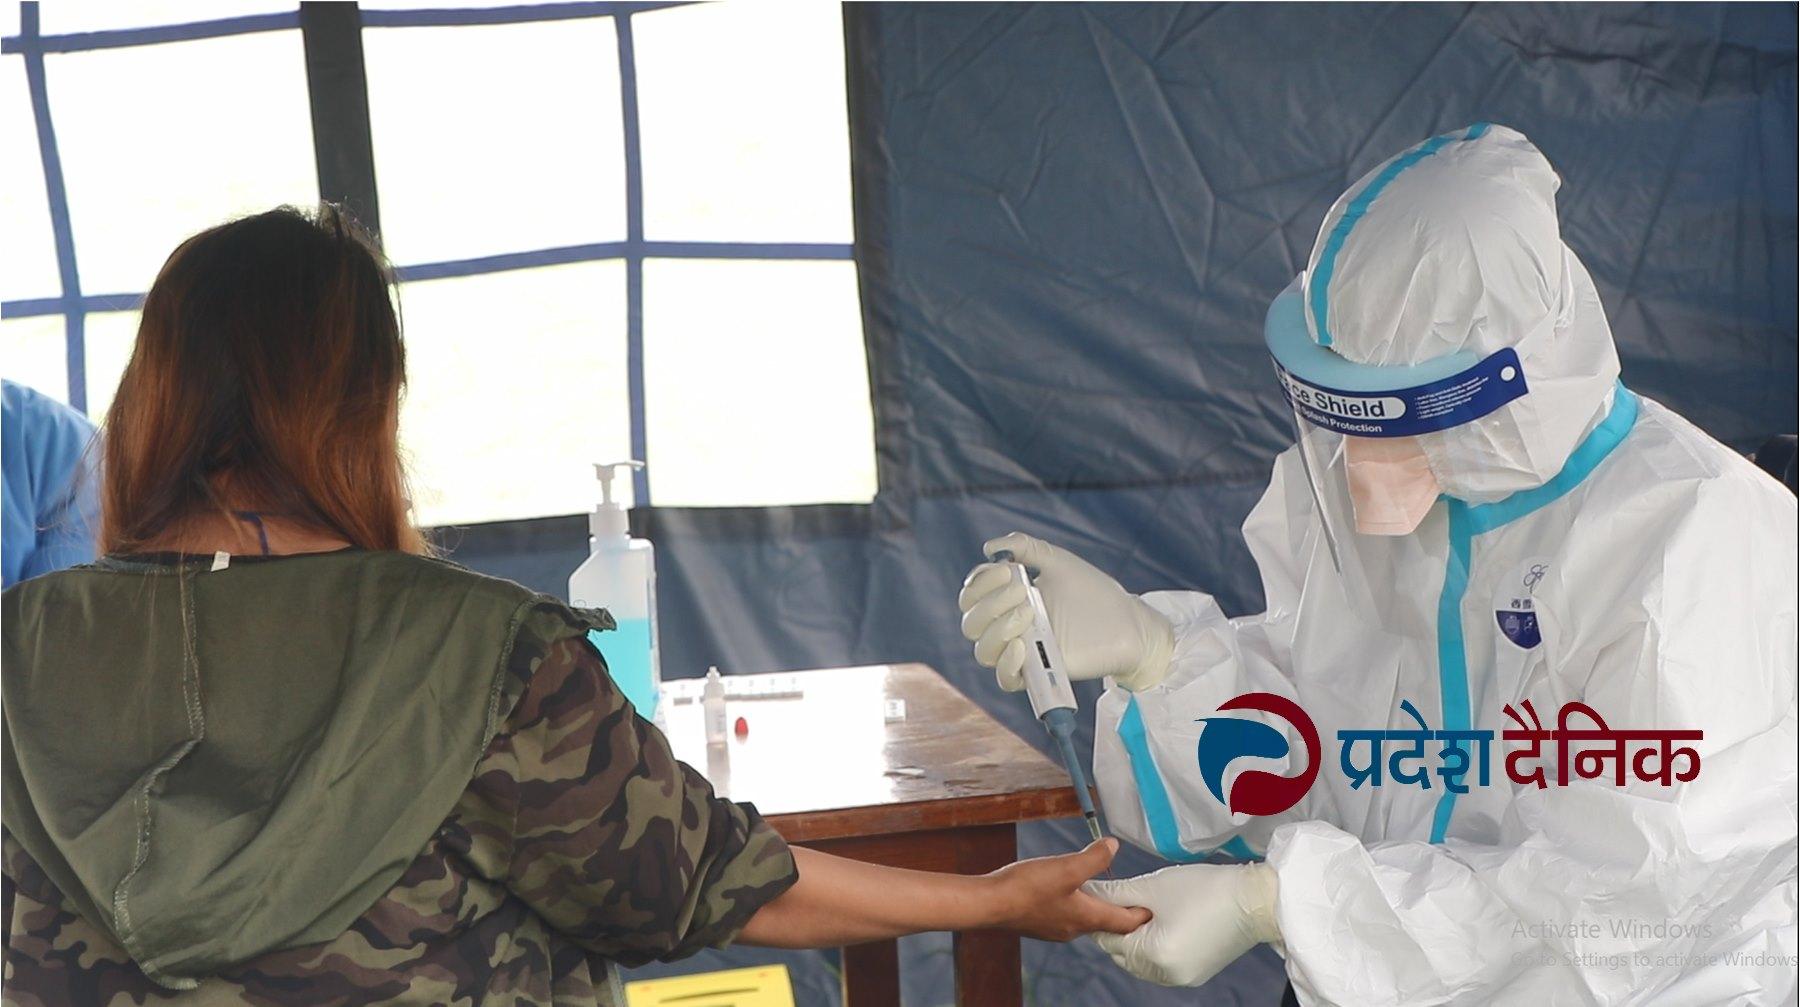 रंगेलीमा पनि समुदायमै देखियो कोरोना, स्वास्थ्यकर्मी र प्रधिकरणका कर्मचारी पनि संक्रमित